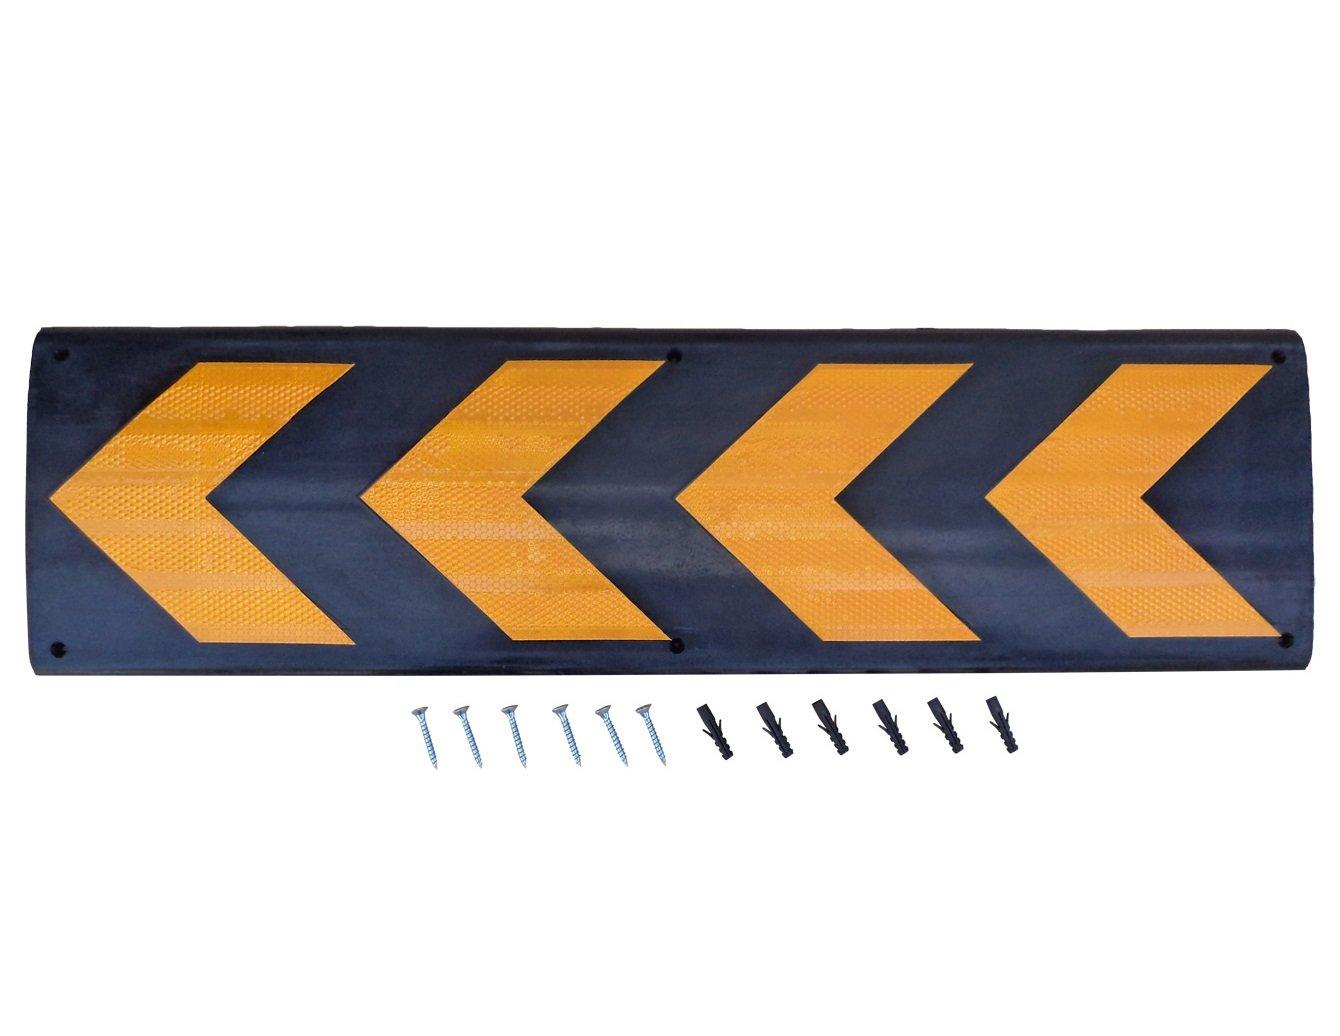 SNS SAFETY LTD Protección de goma para paredes: Amazon.es: Bricolaje y herramientas